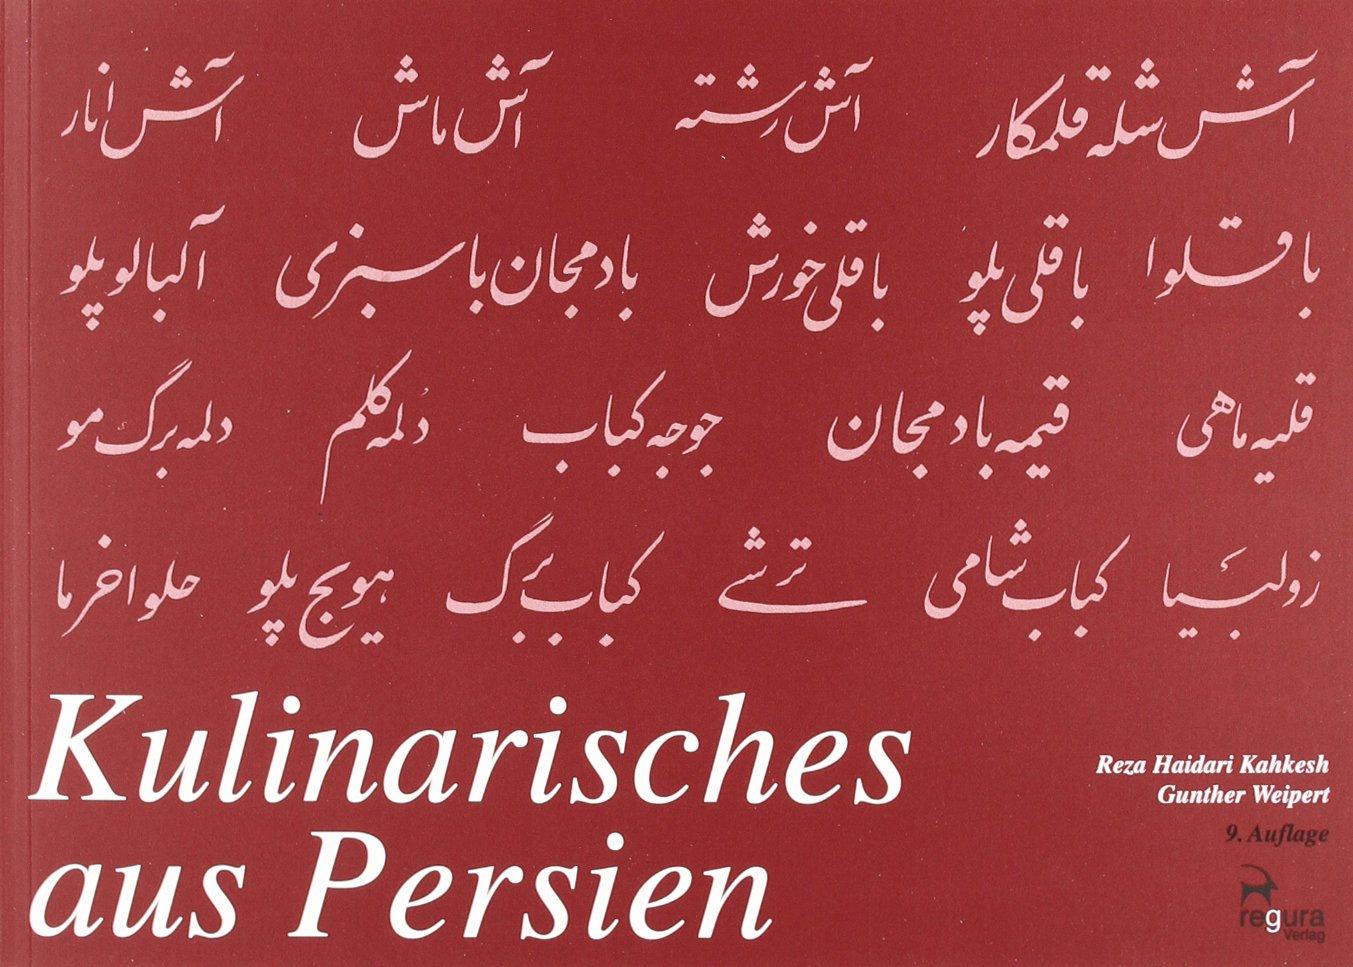 Kulinarisches aus Persien.